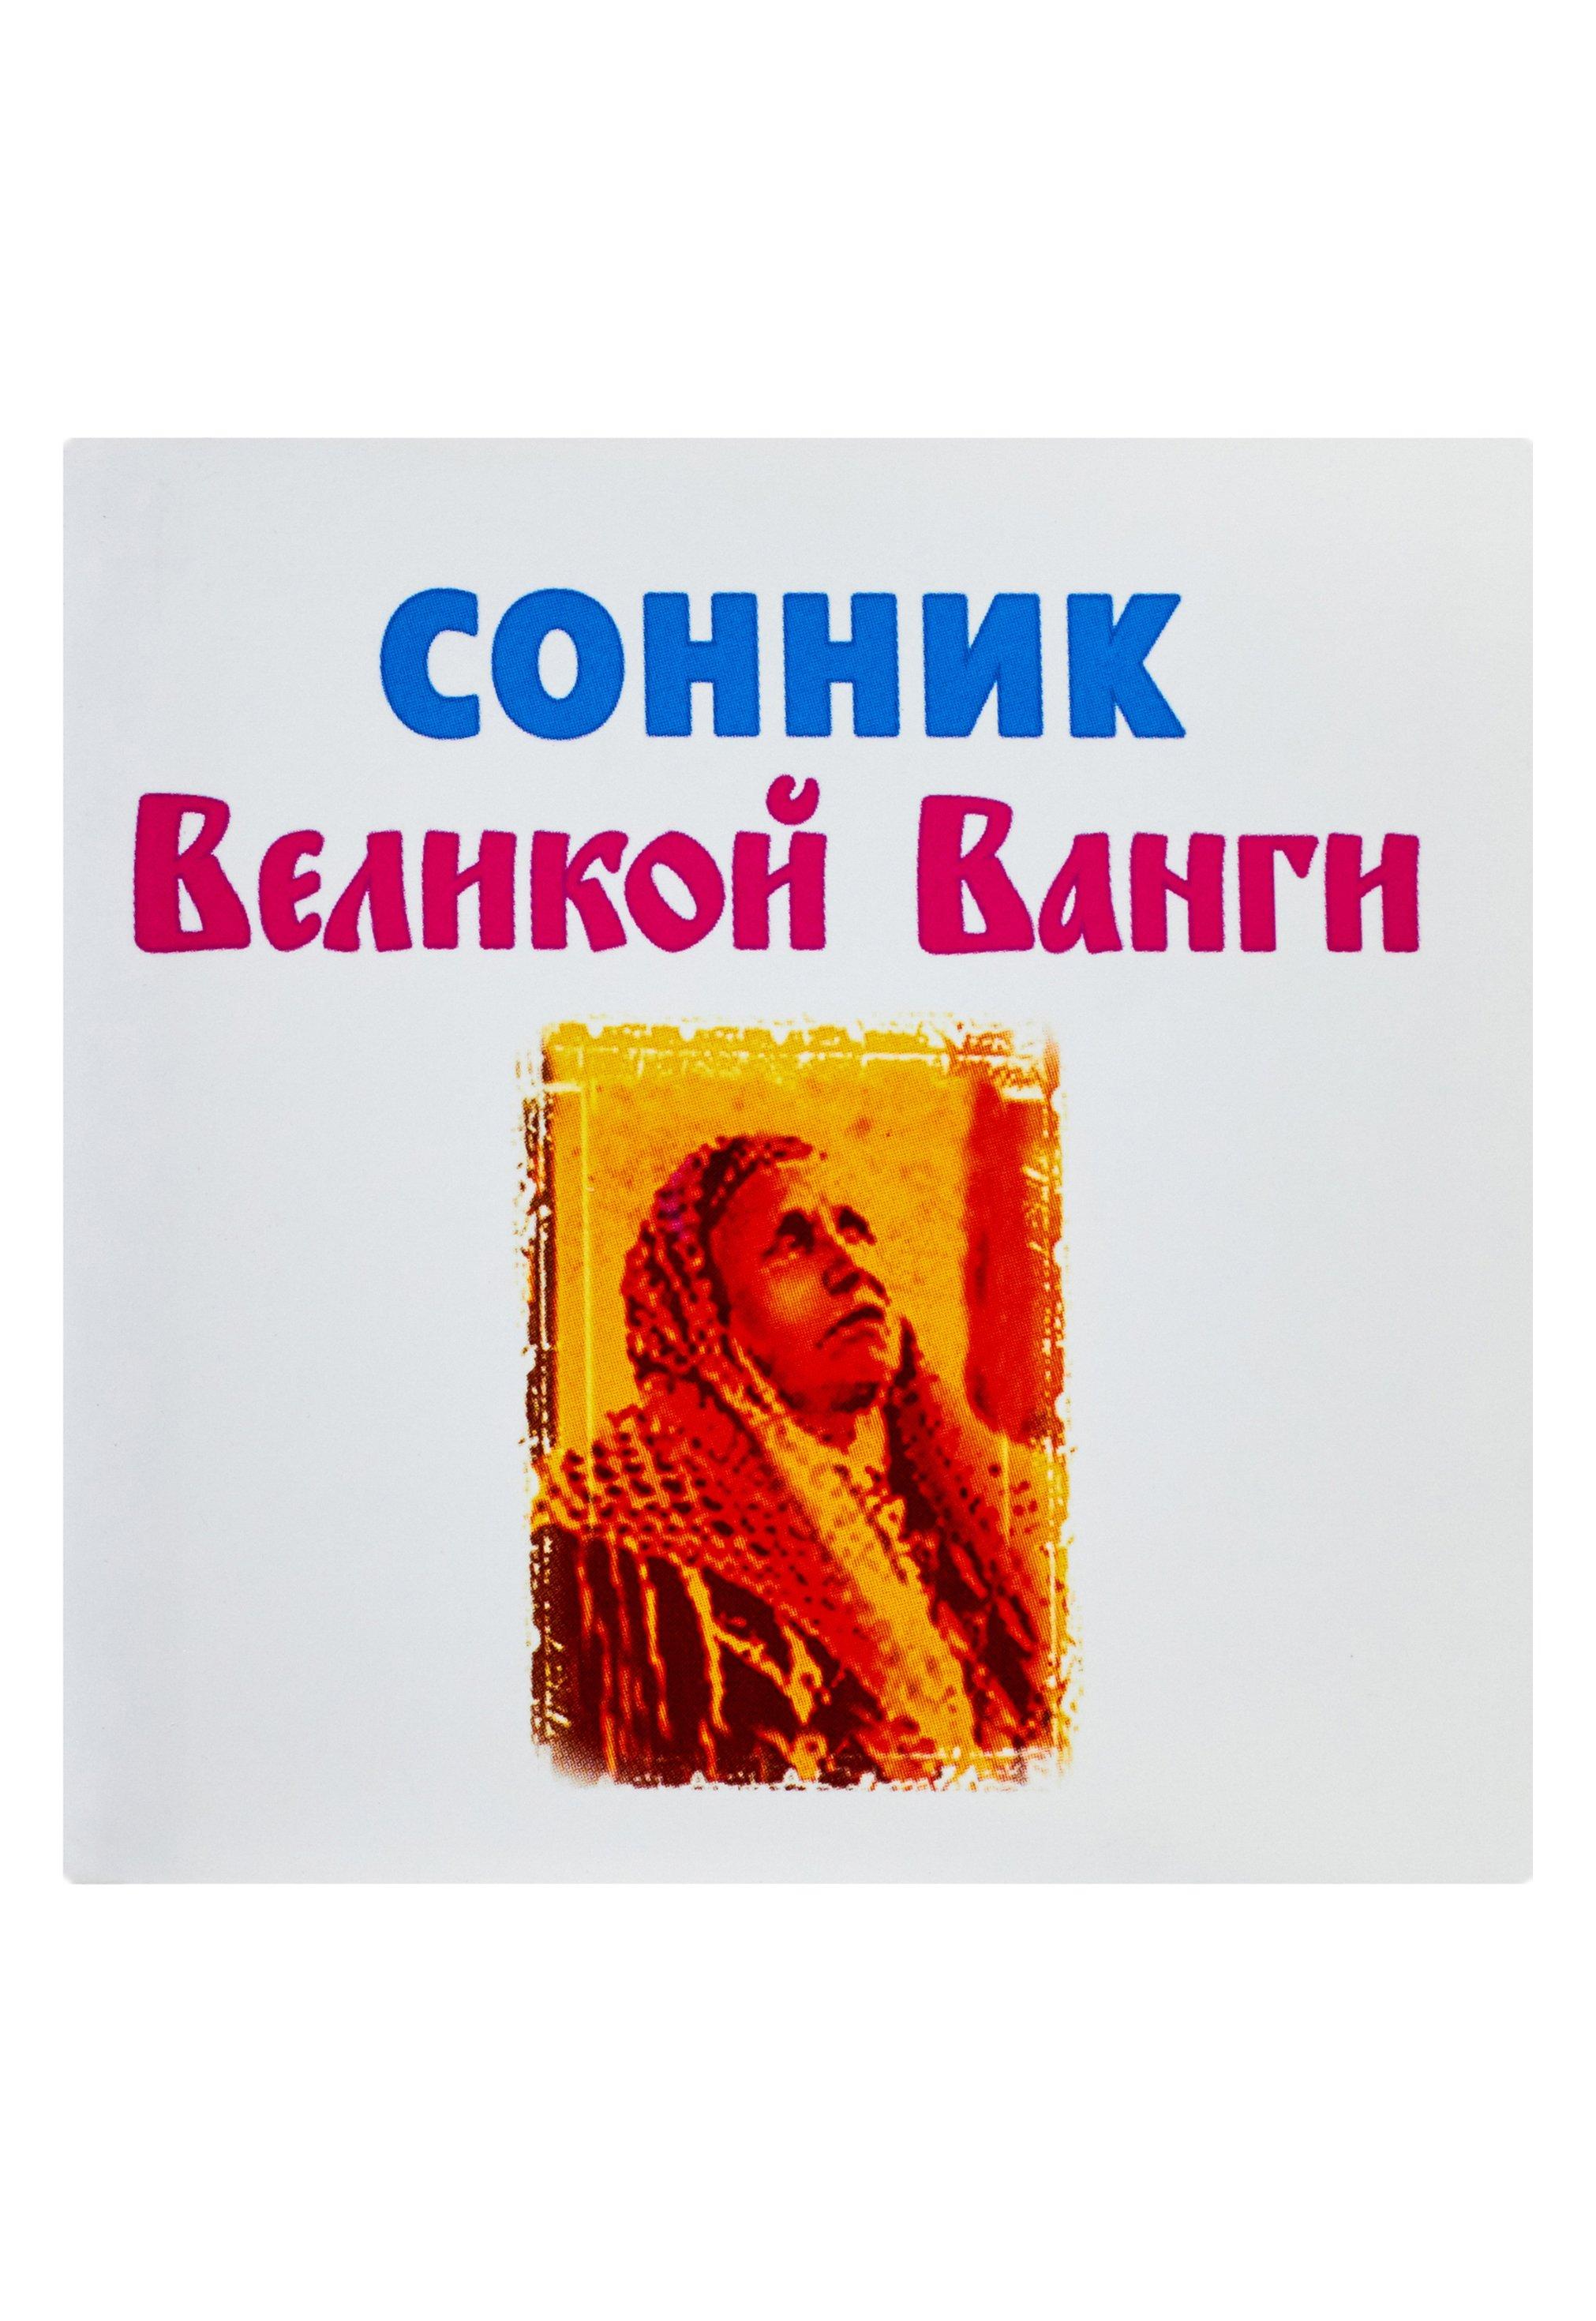 Гурьянова Лилия Станиславовна Сонник великой Ванги